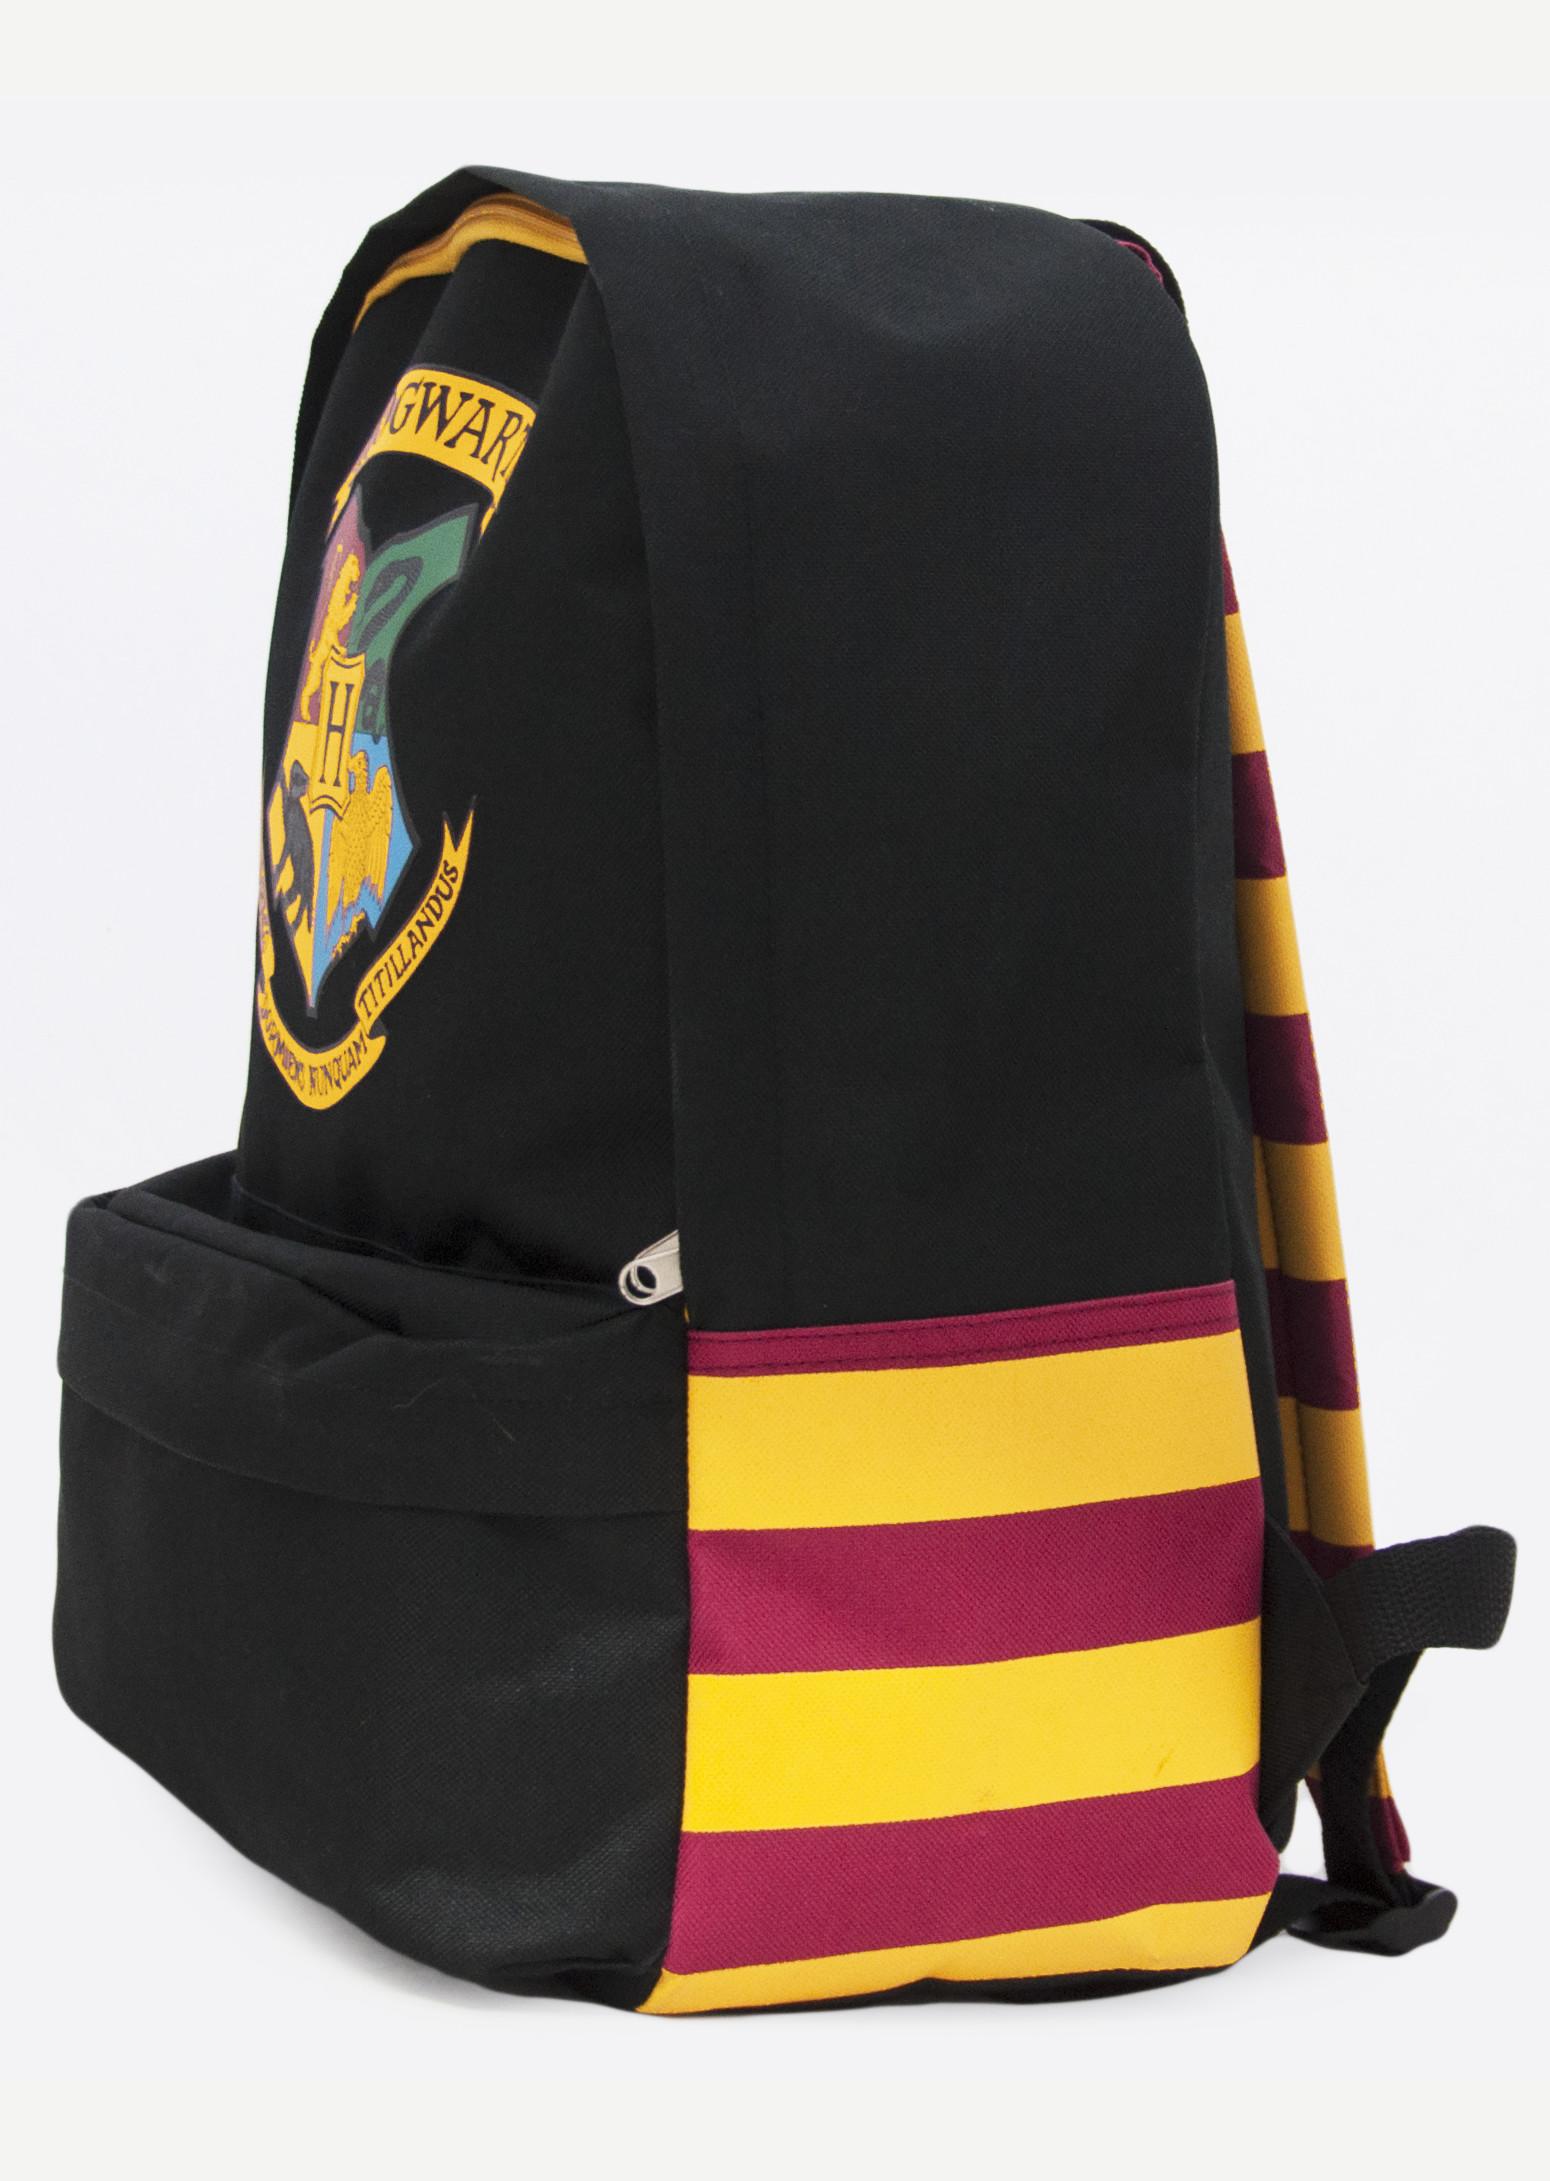 Harry Potter Hogwarts Backpack – Groovy UK